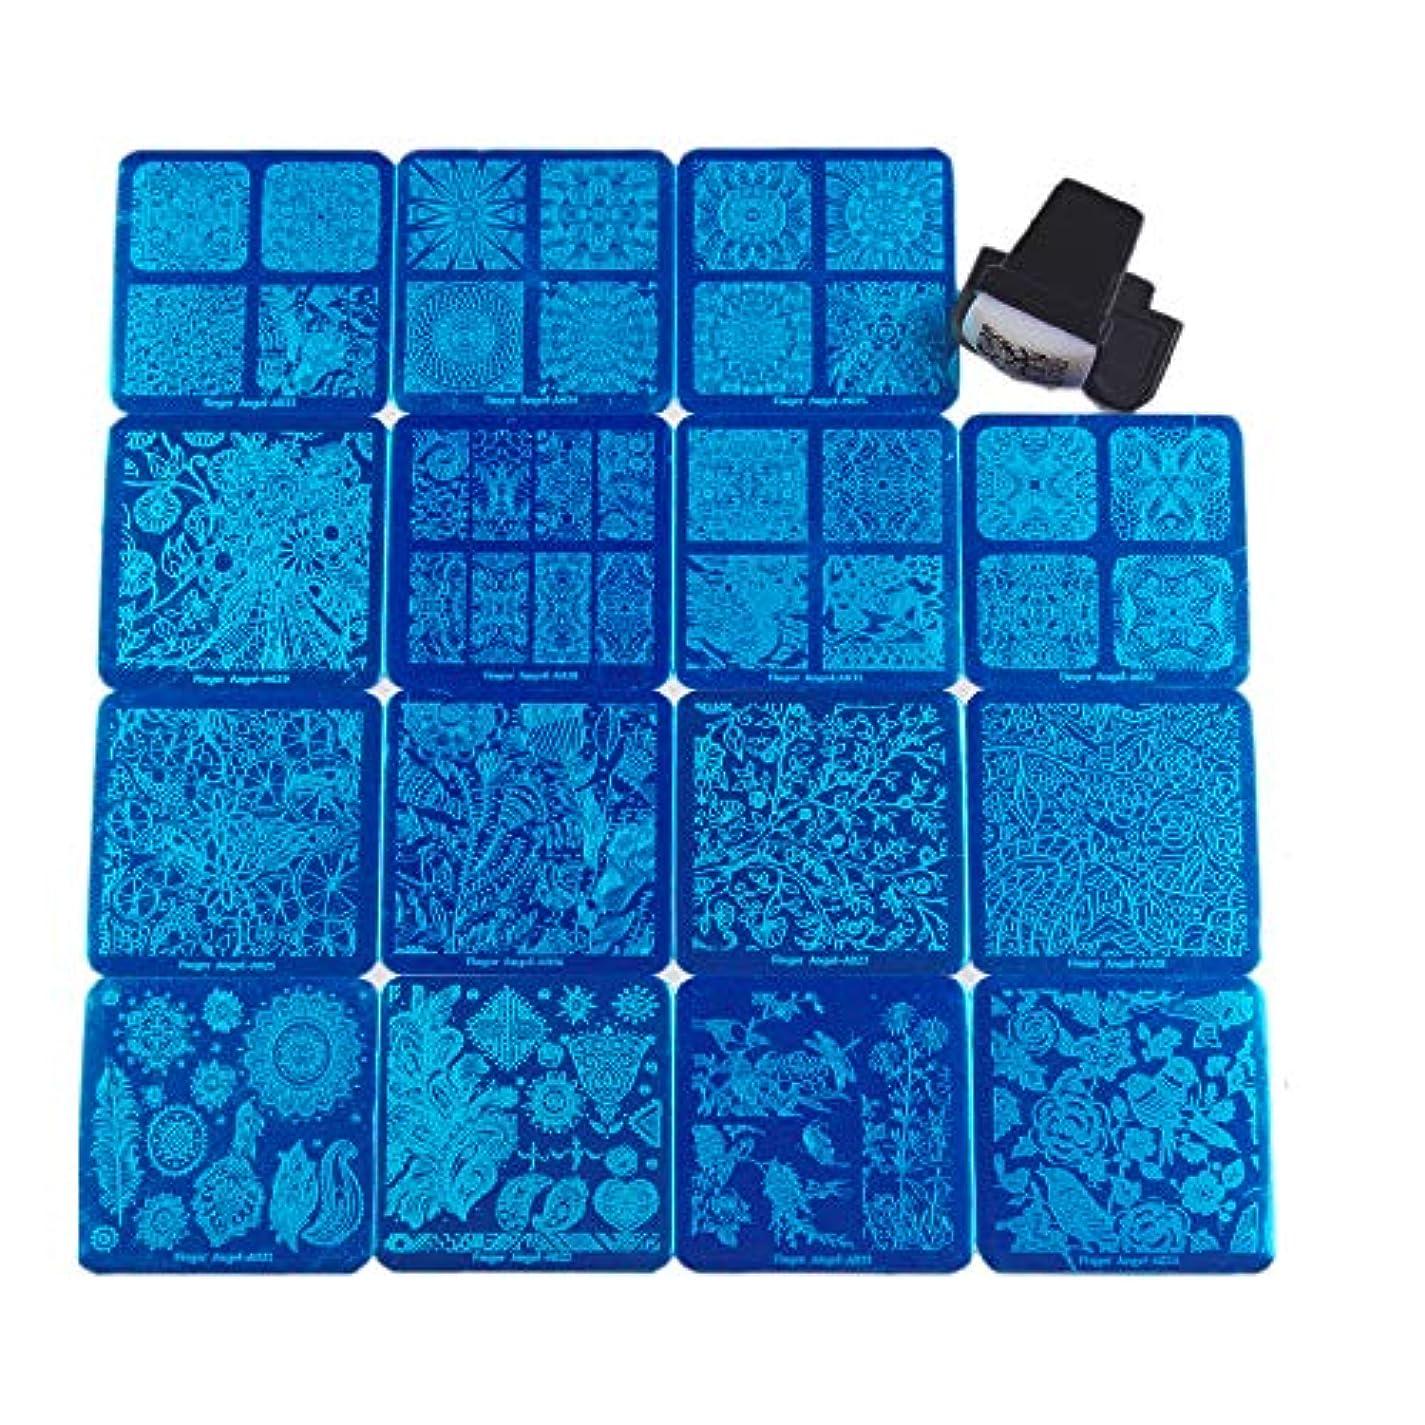 分類するわかりやすいソフィーFingerAngel ネイルイメージプレートセット ネイルプレート正方形15枚 スタンプ スクレーパー カードバッグ付き ネイルサロンも自宅も使えるネイルプレート